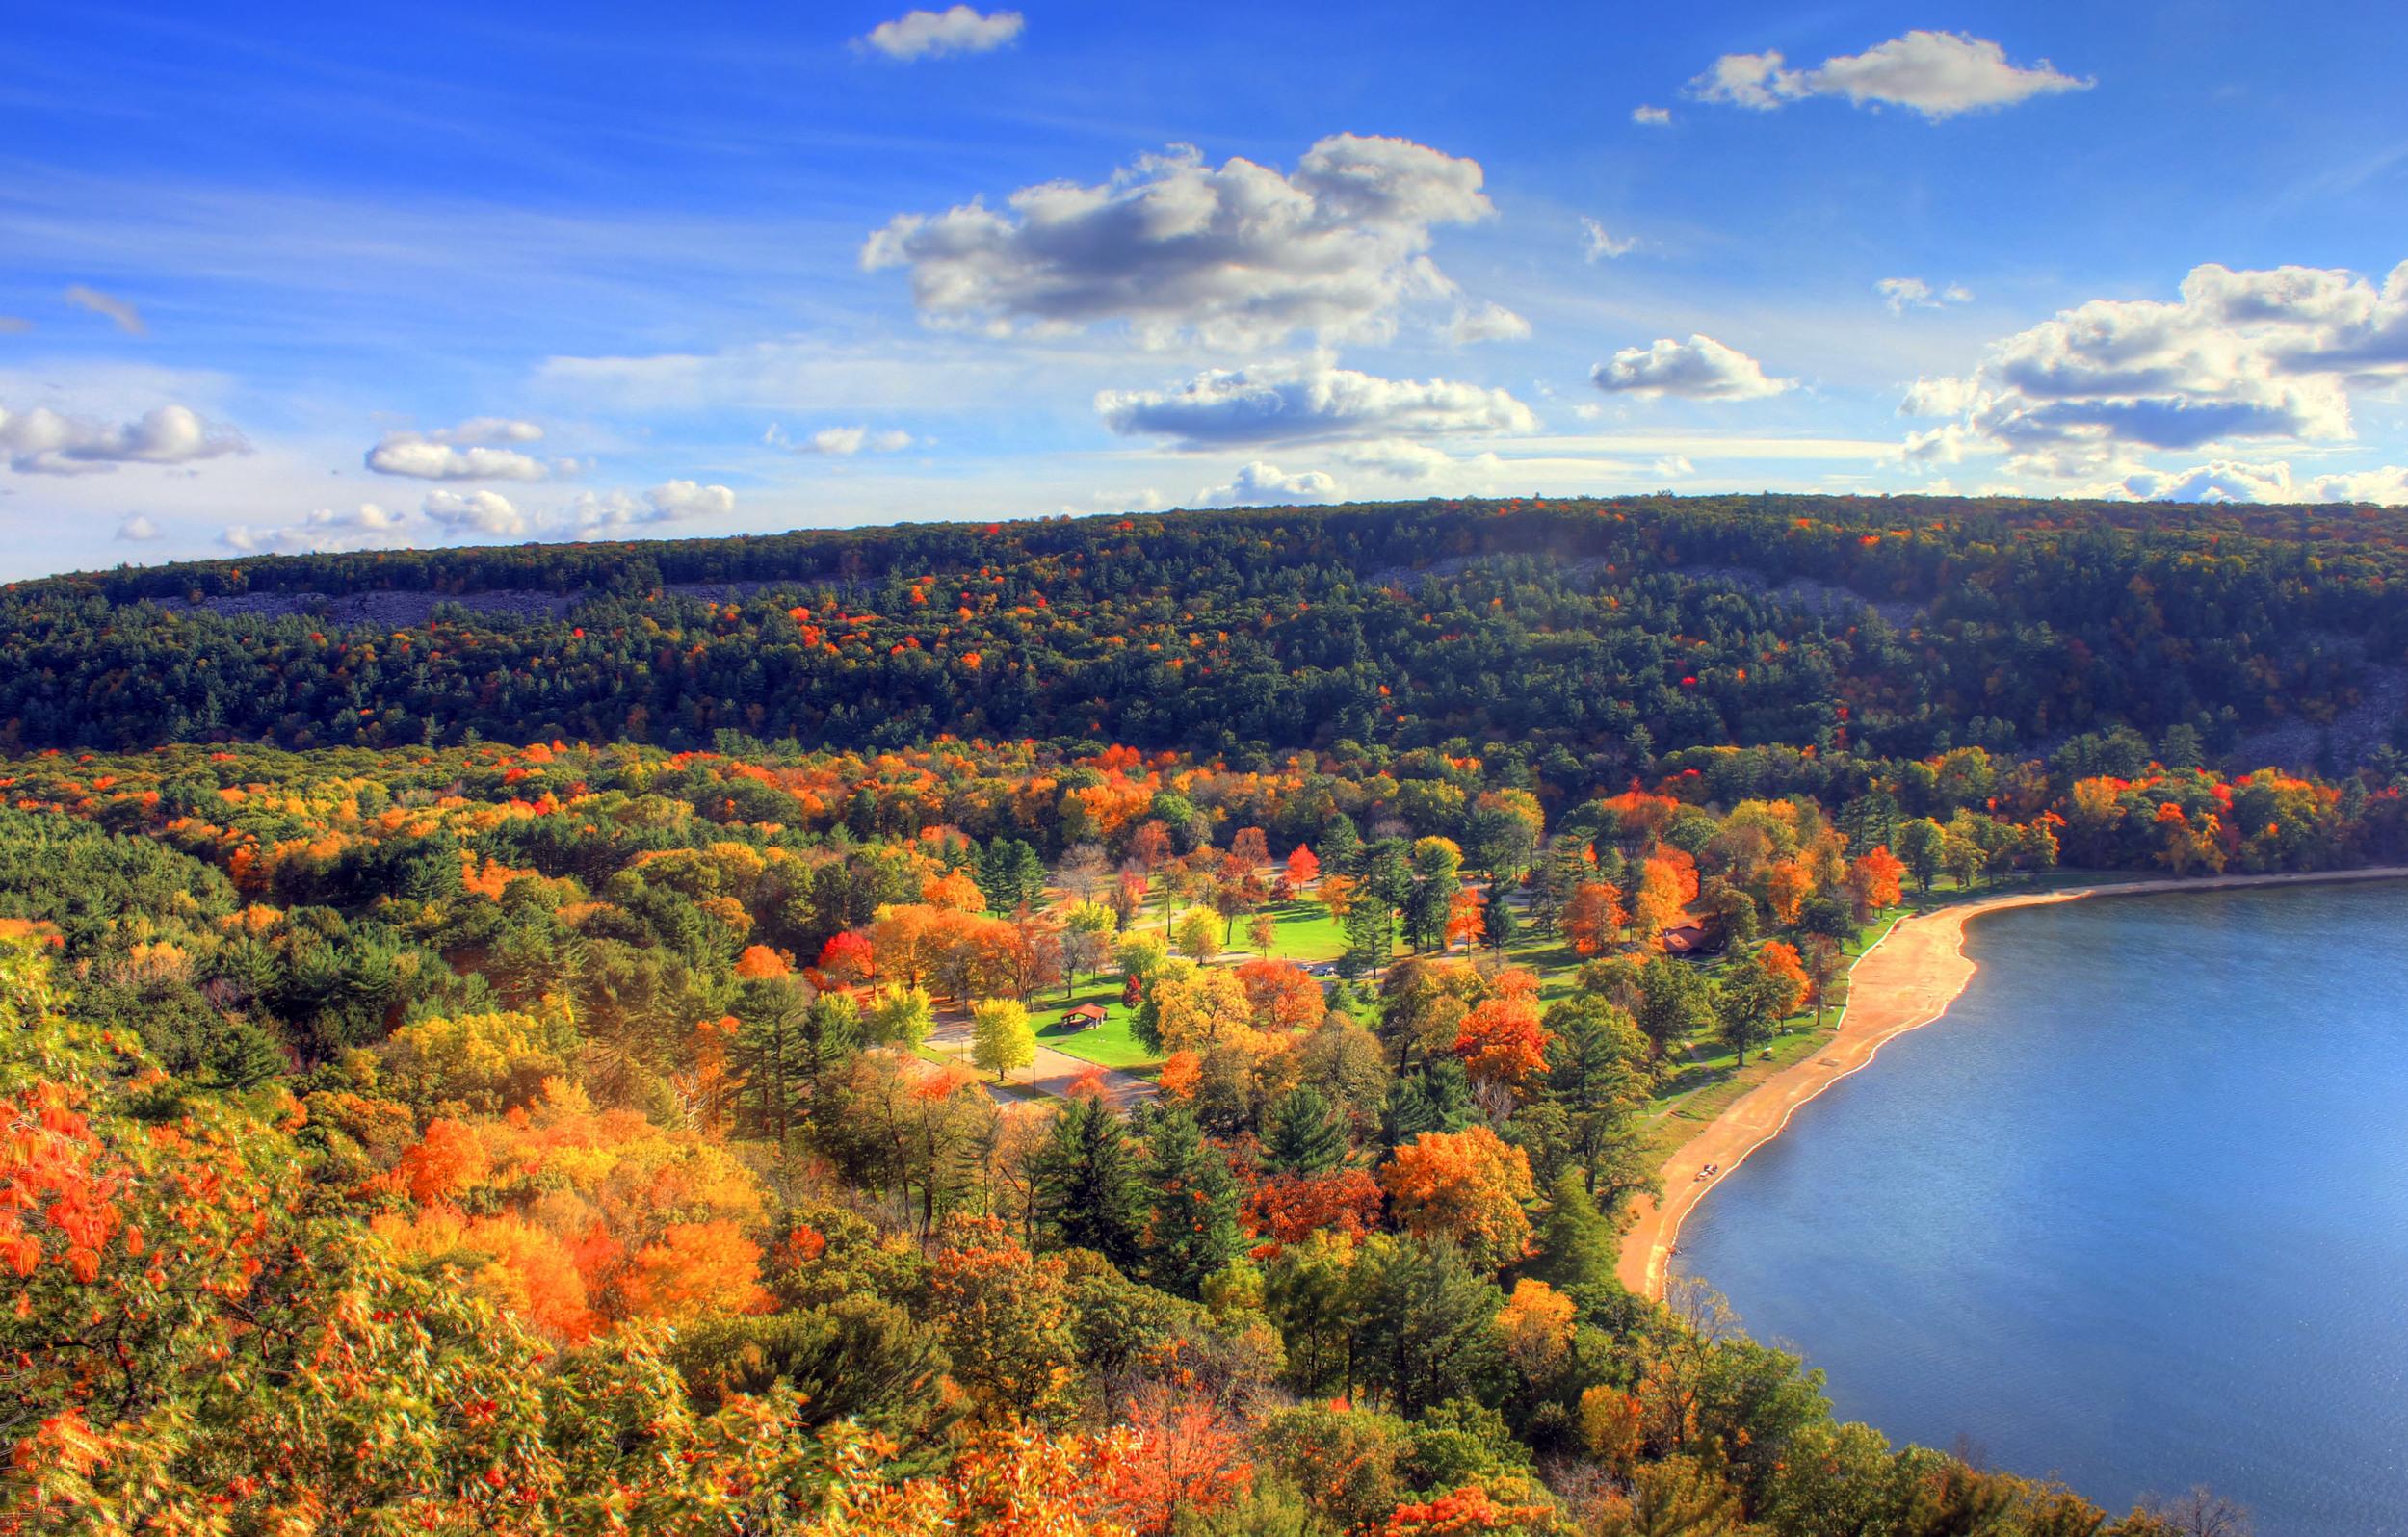 Devil's lake state park in autumn.jpg